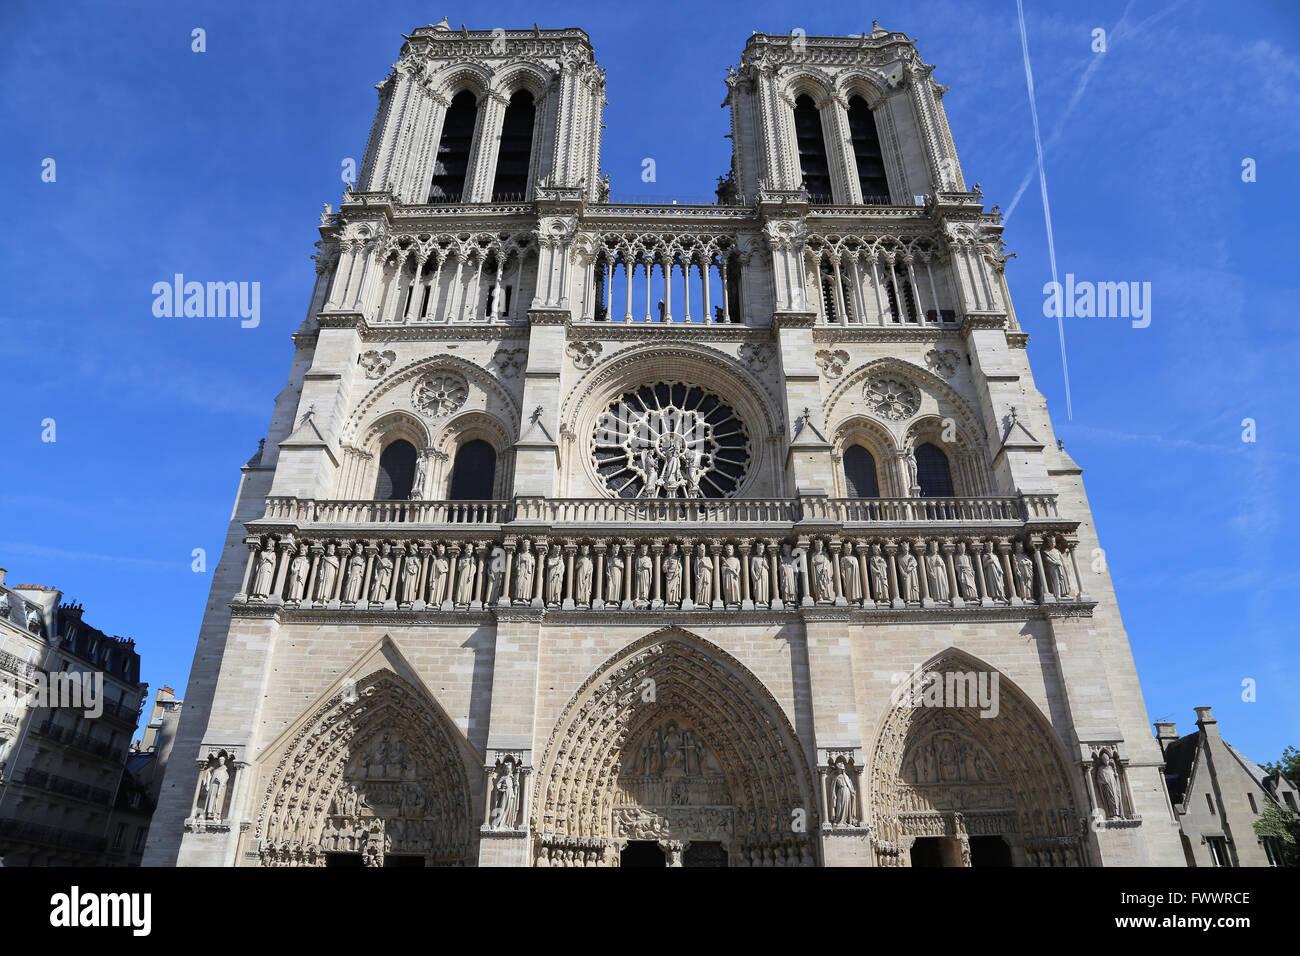 Frankreich. Paris. Die Westfassade der Kathedrale von Notre-Dame. Frühgotik. 13. Jahrhundert. Restaurierung, Stockbild